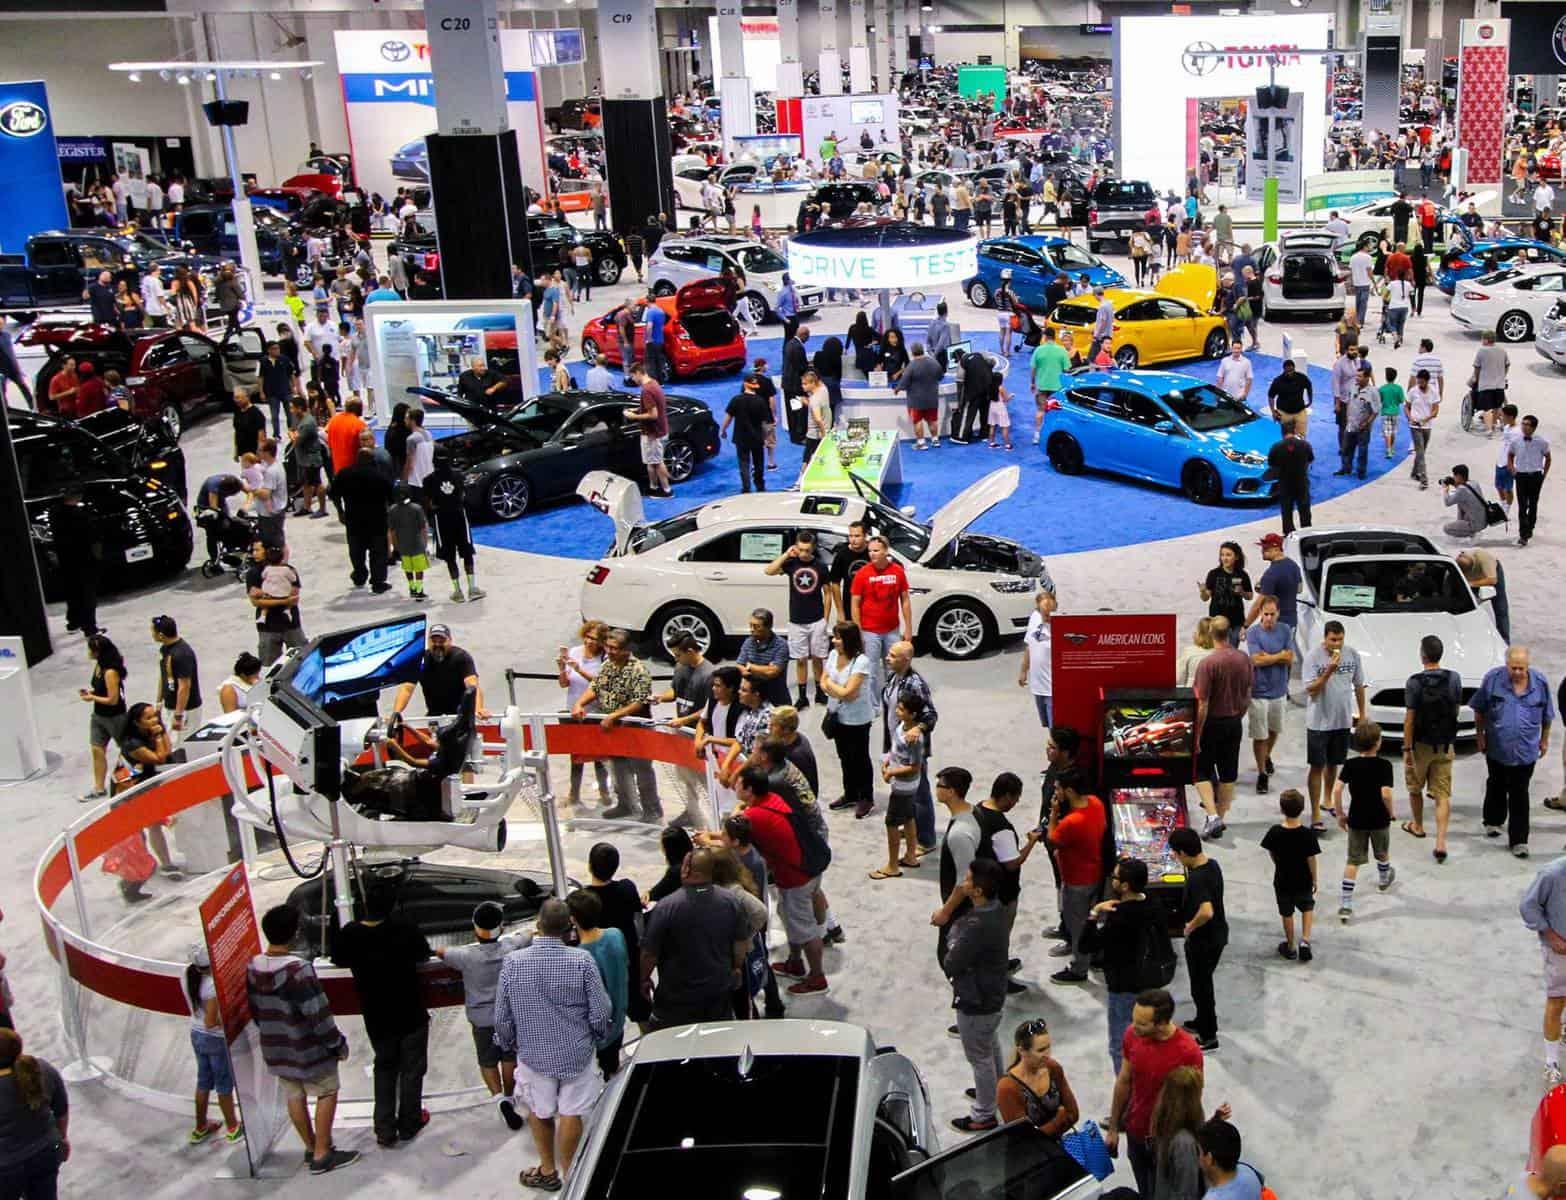 Nashville International Auto Show crowd